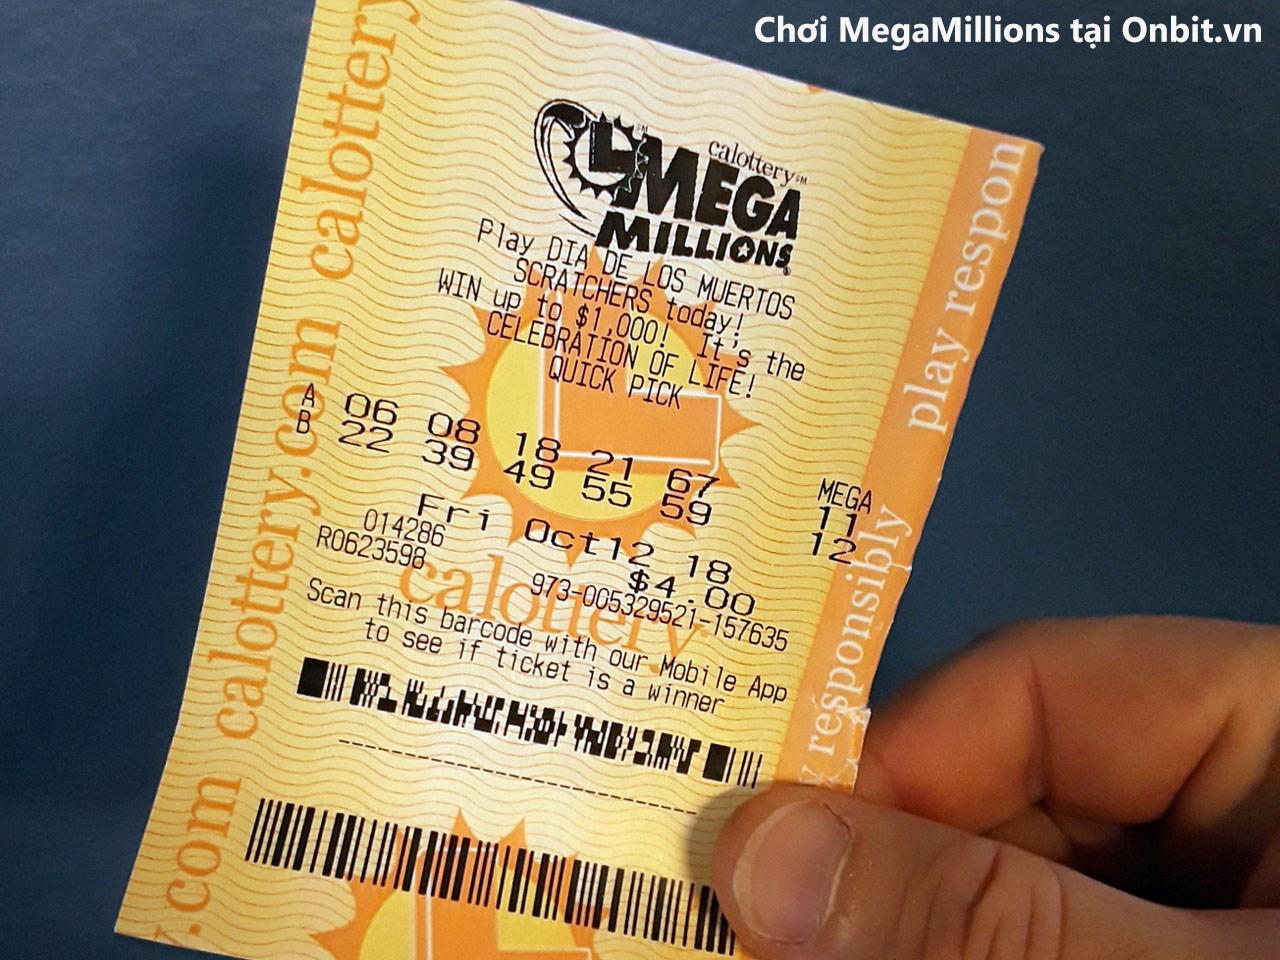 Phát lộc đầu năm mới, một người Mỹ trúng 425 triệu đô (khoảng 9 nghìn 775 tỷ đồng) với xổ số MegaMillions